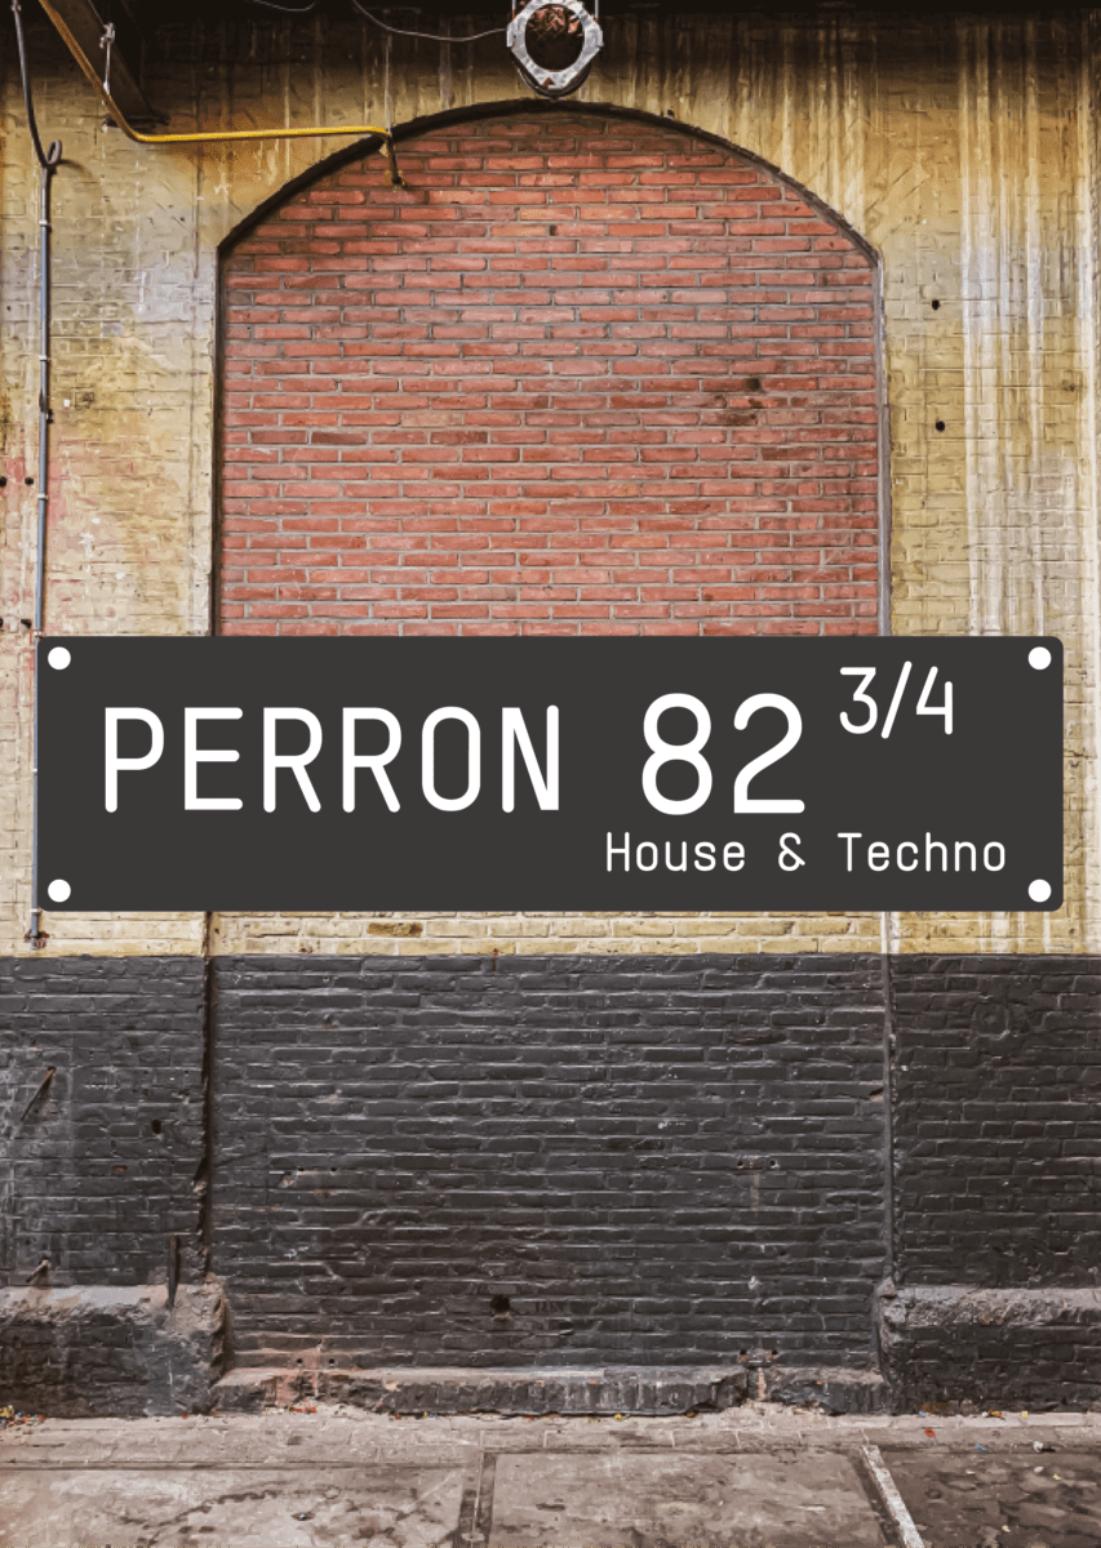 Perron 82 ¾